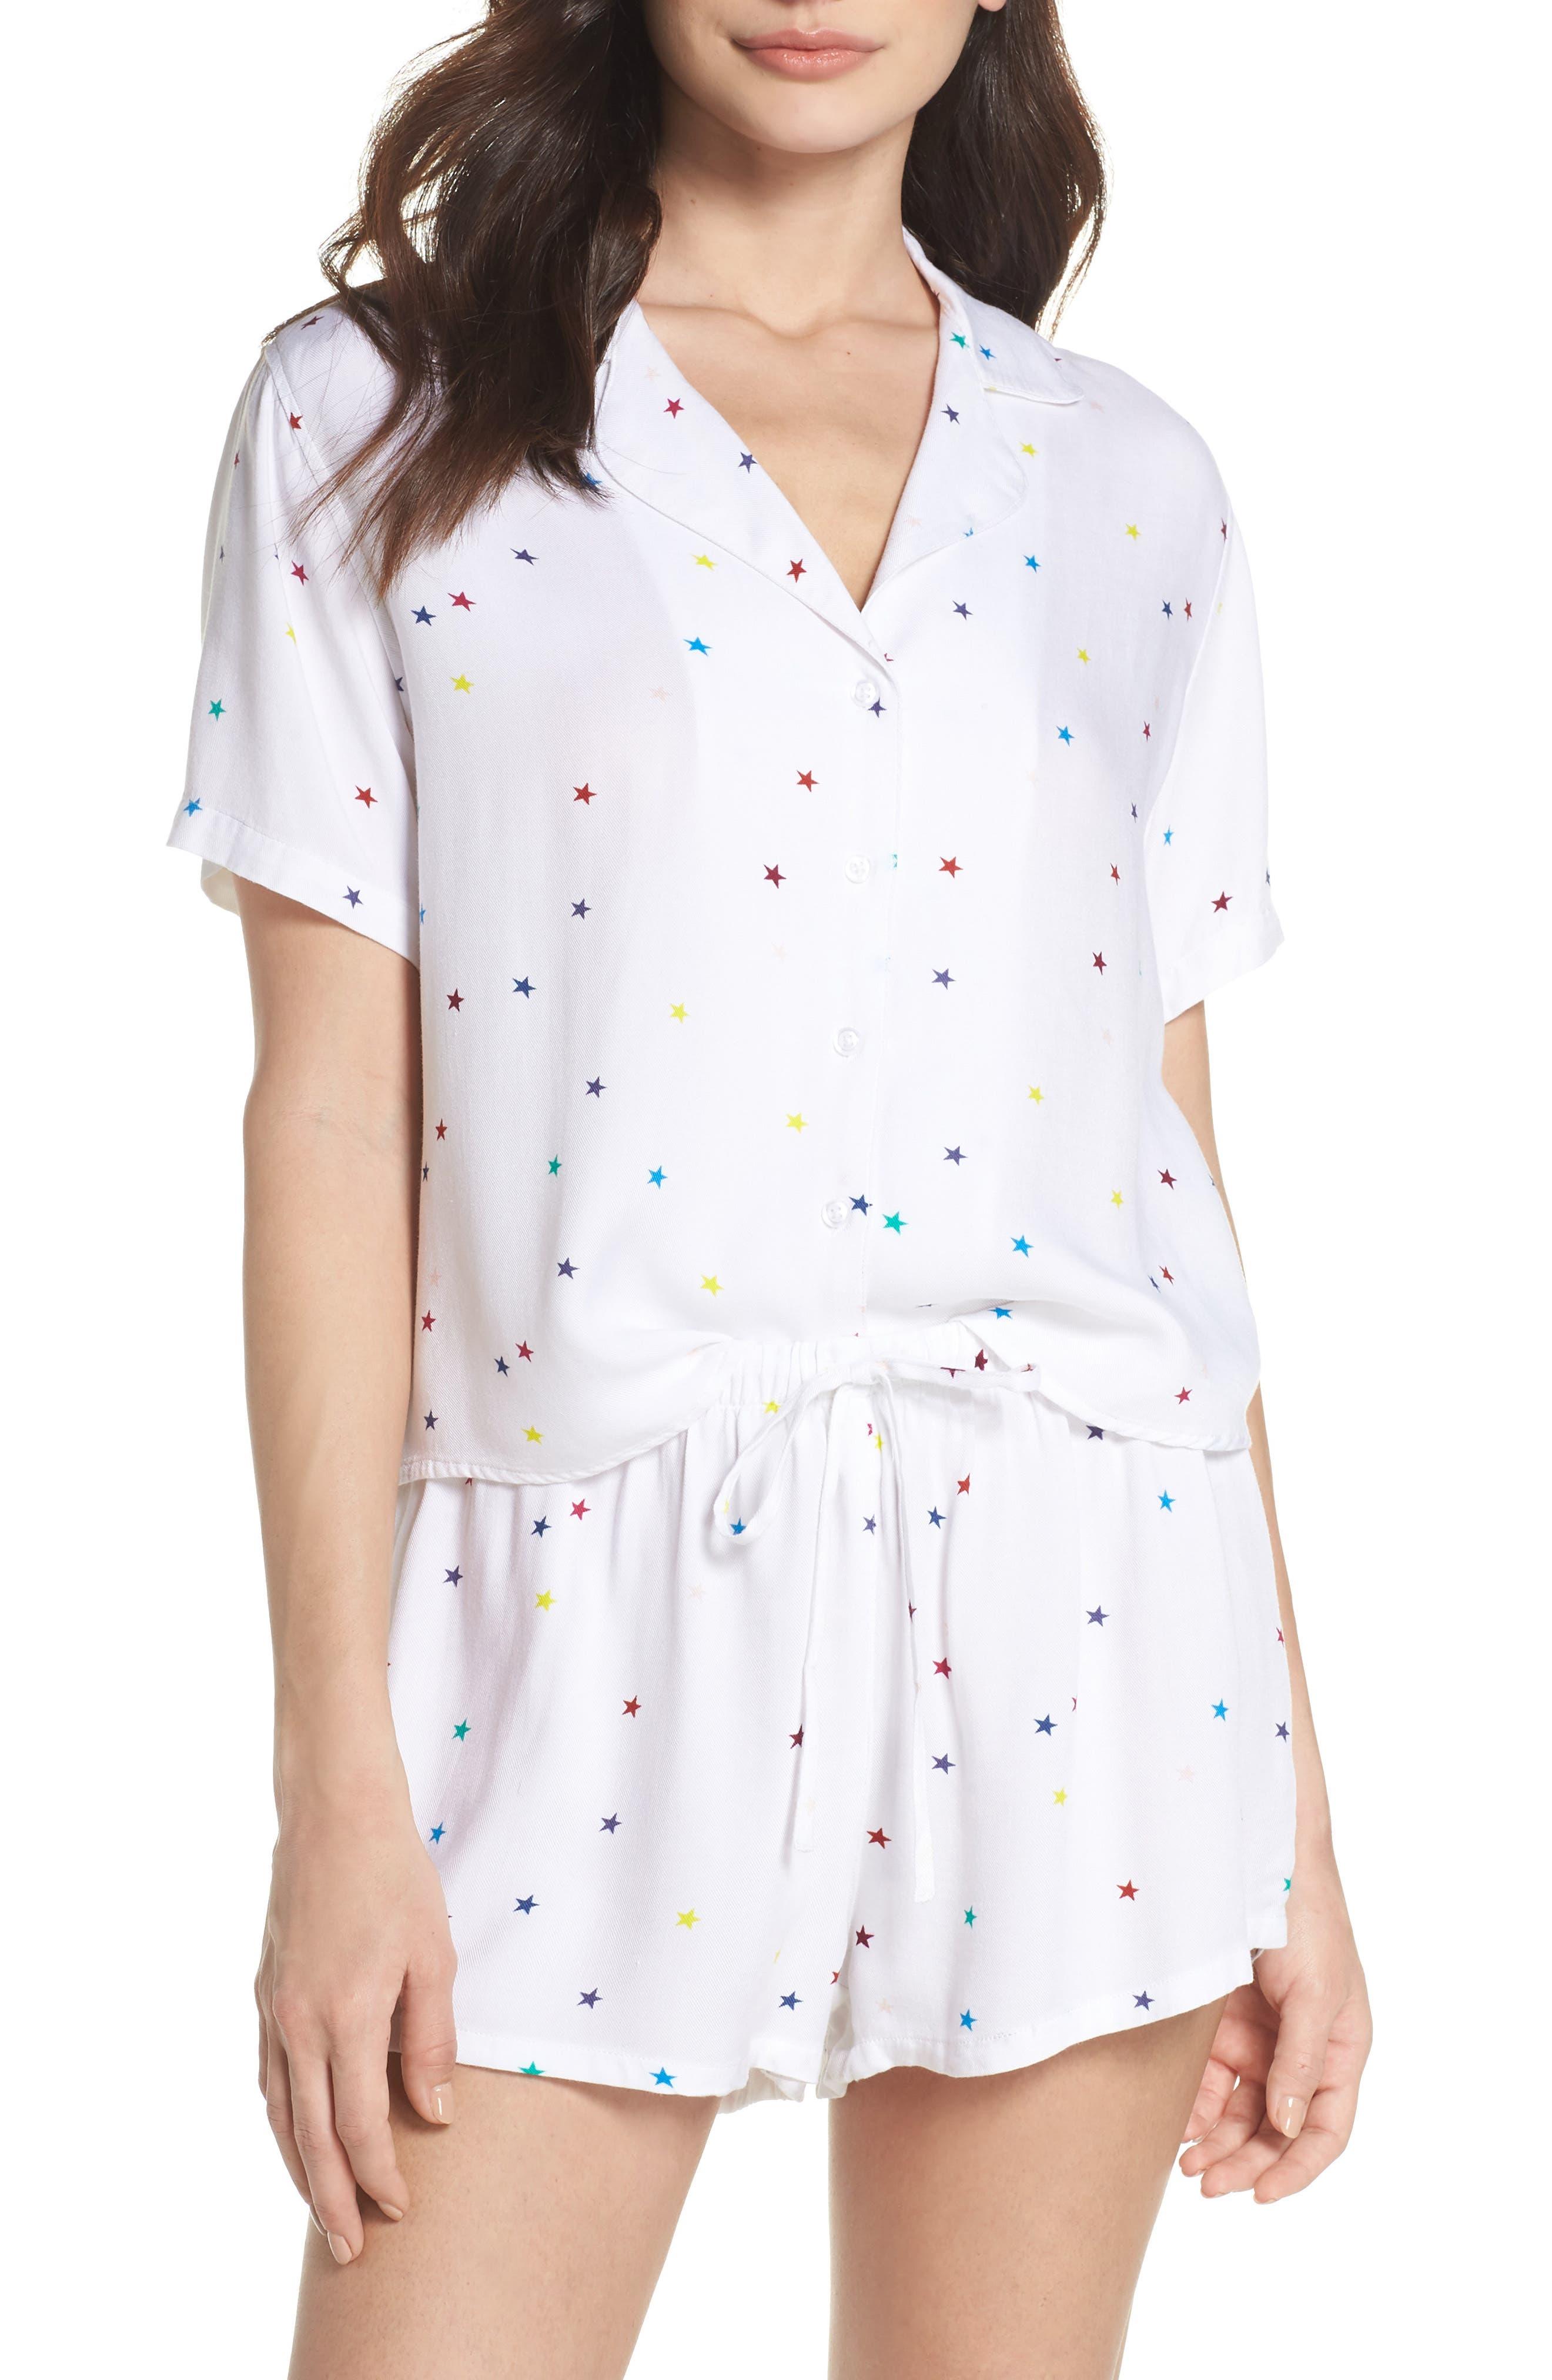 Star Print Short Pajamas,                         Main,                         color, Rainbow Stars On White